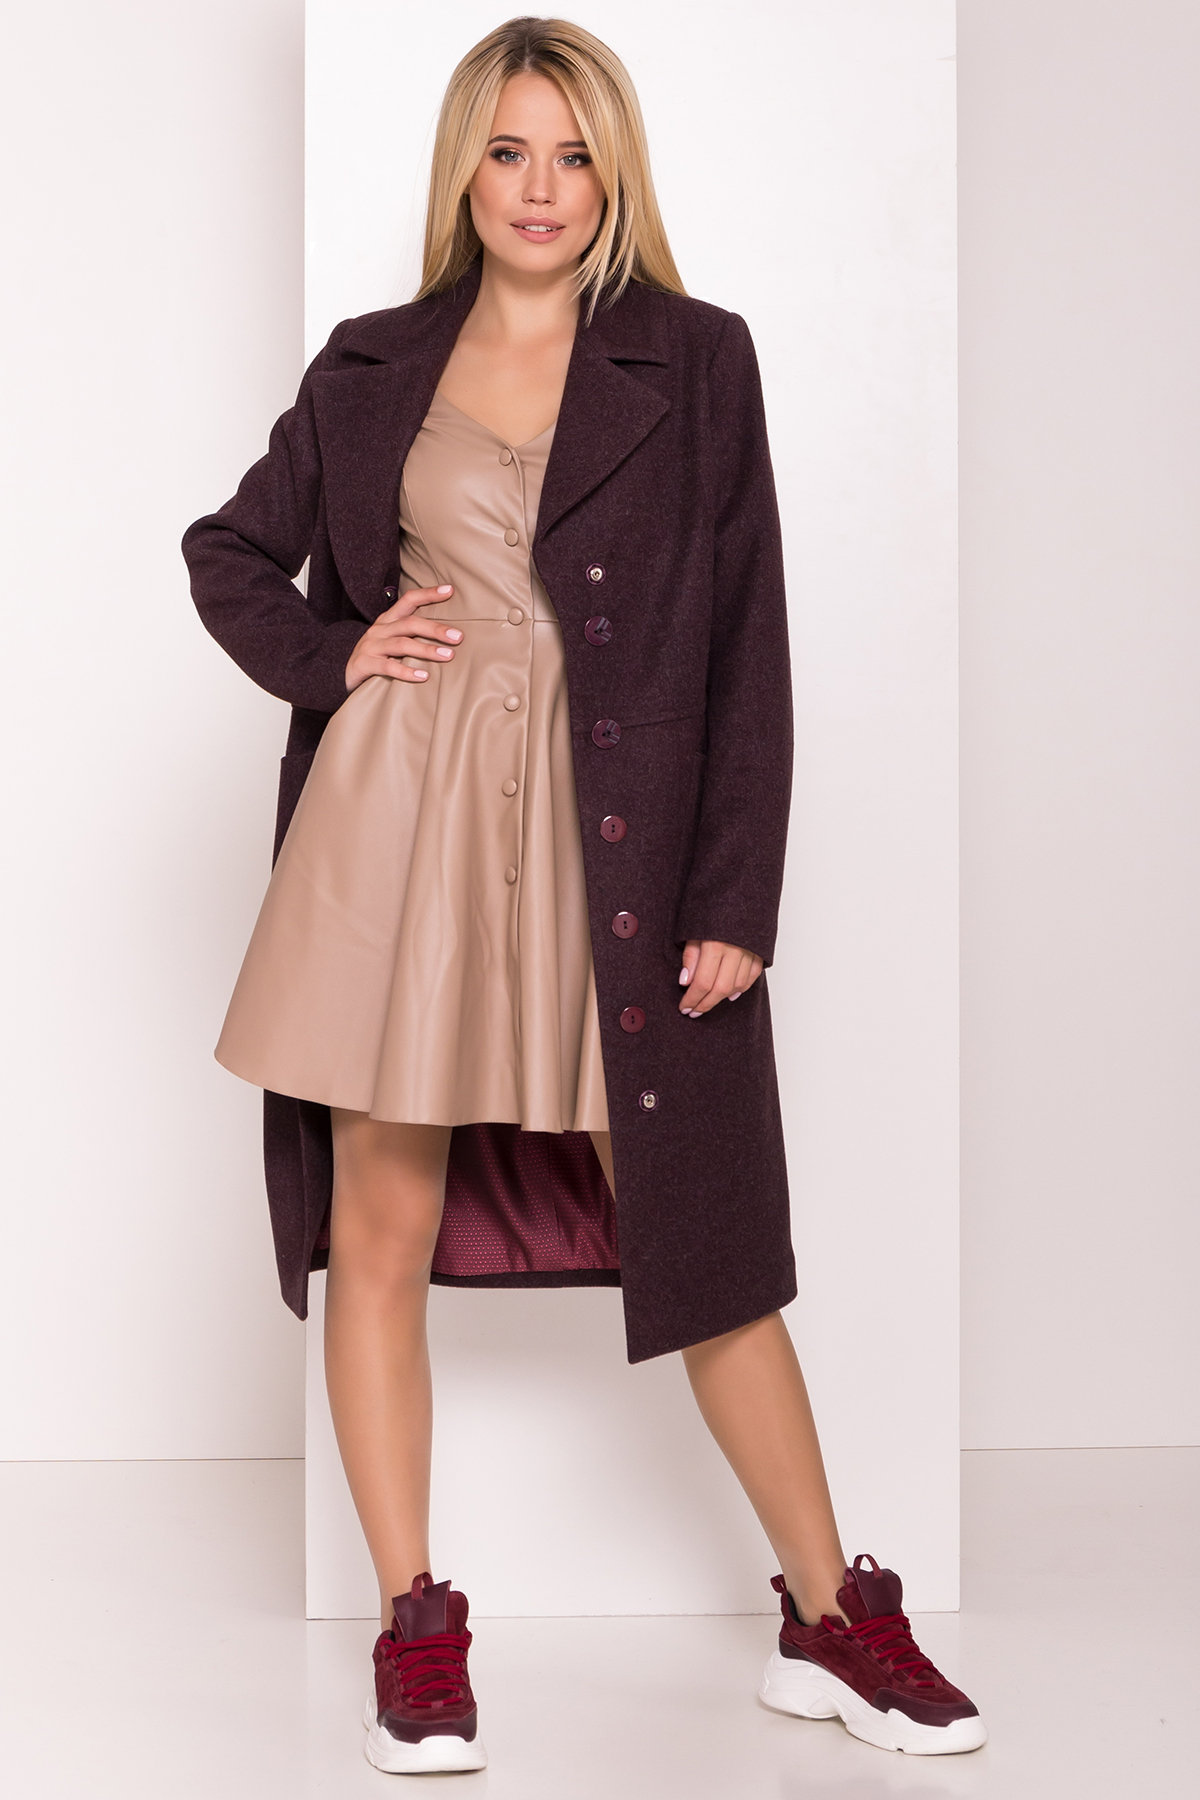 Классическое пальто Габриэлла 7872 АРТ. 43798 Цвет: Марсала 5 - фото 2, интернет магазин tm-modus.ru